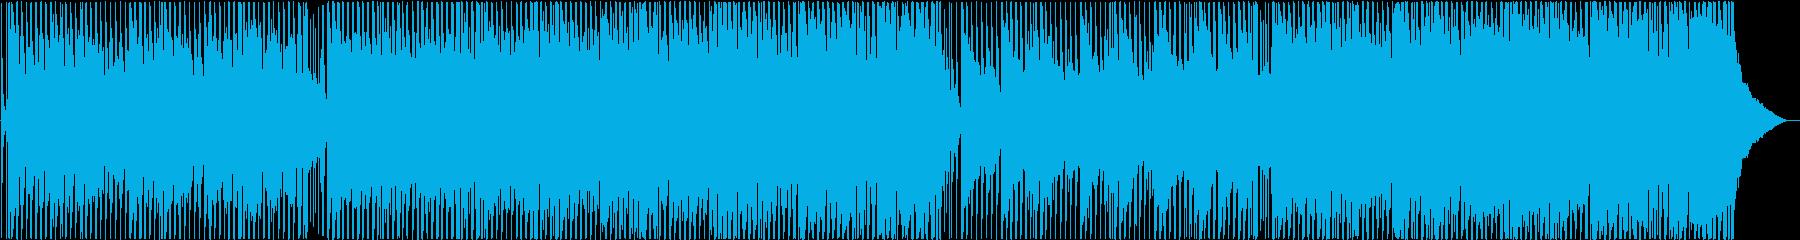 コーポレート、ポップロックの再生済みの波形